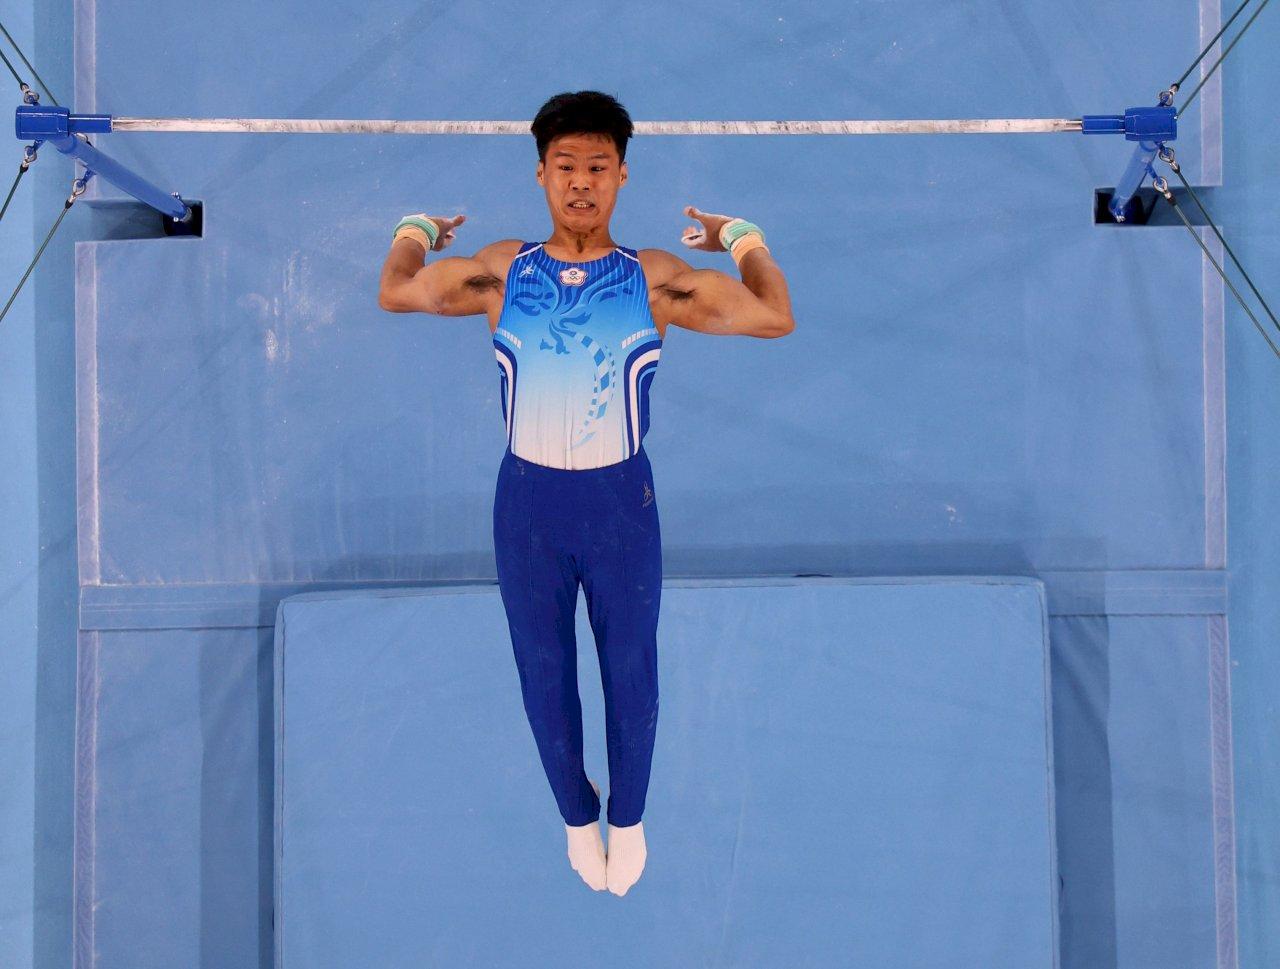 唐嘉鴻體操全能賽排名第7寫新猷 李智凱鞍馬失手受傷排名21